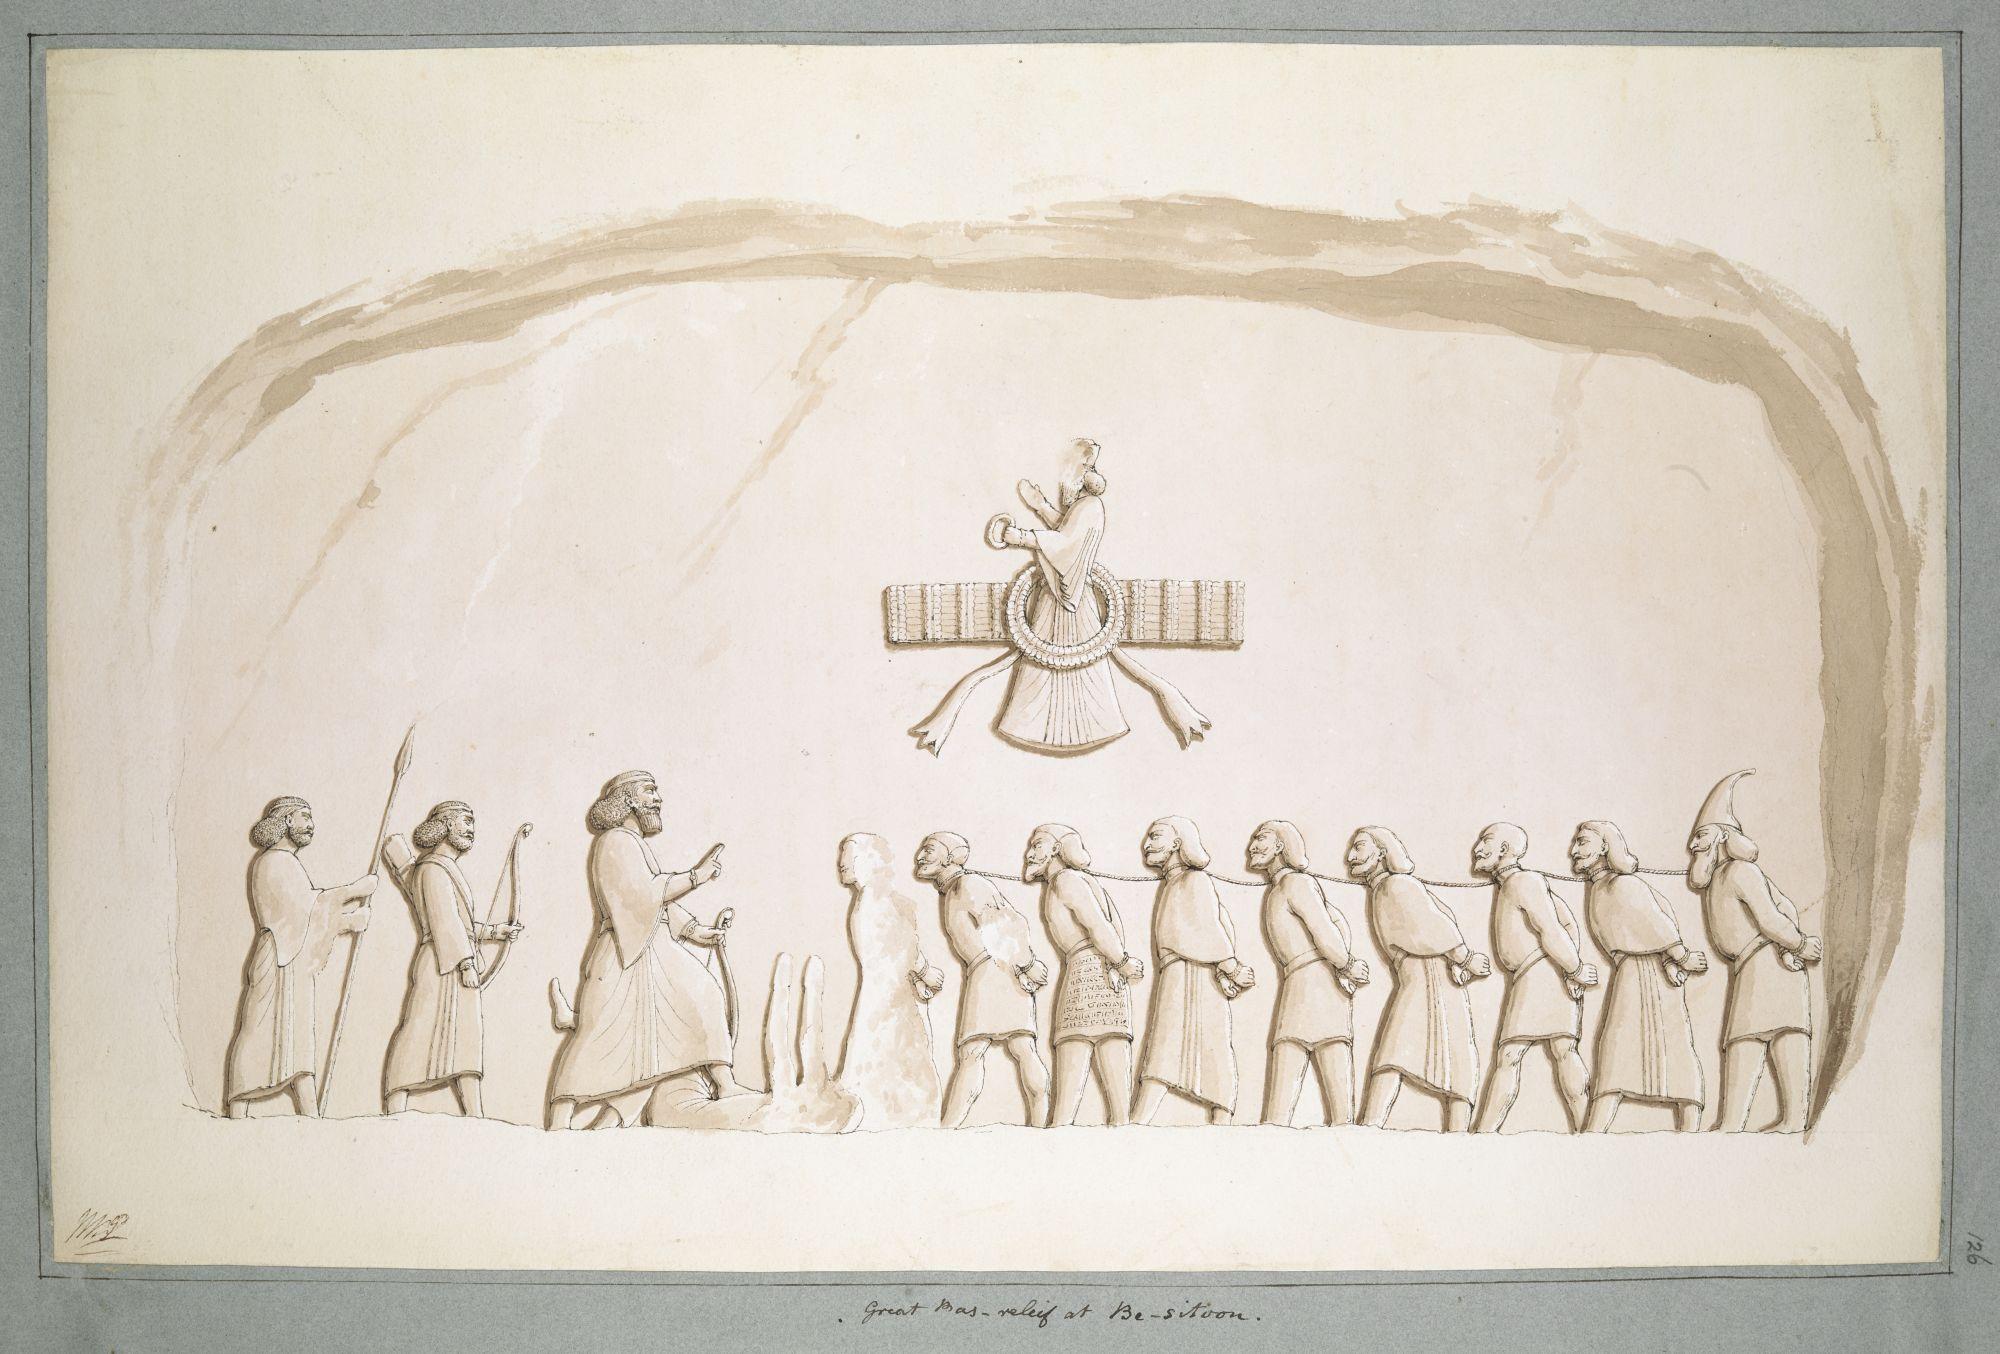 Le bas-relief de Bisitun. Ce relief a été appelé la pierre de Rosette du cunéiforme, un ancien système d'écriture. L'aquarelle de Porter ne comprend pas l'inscription importante.